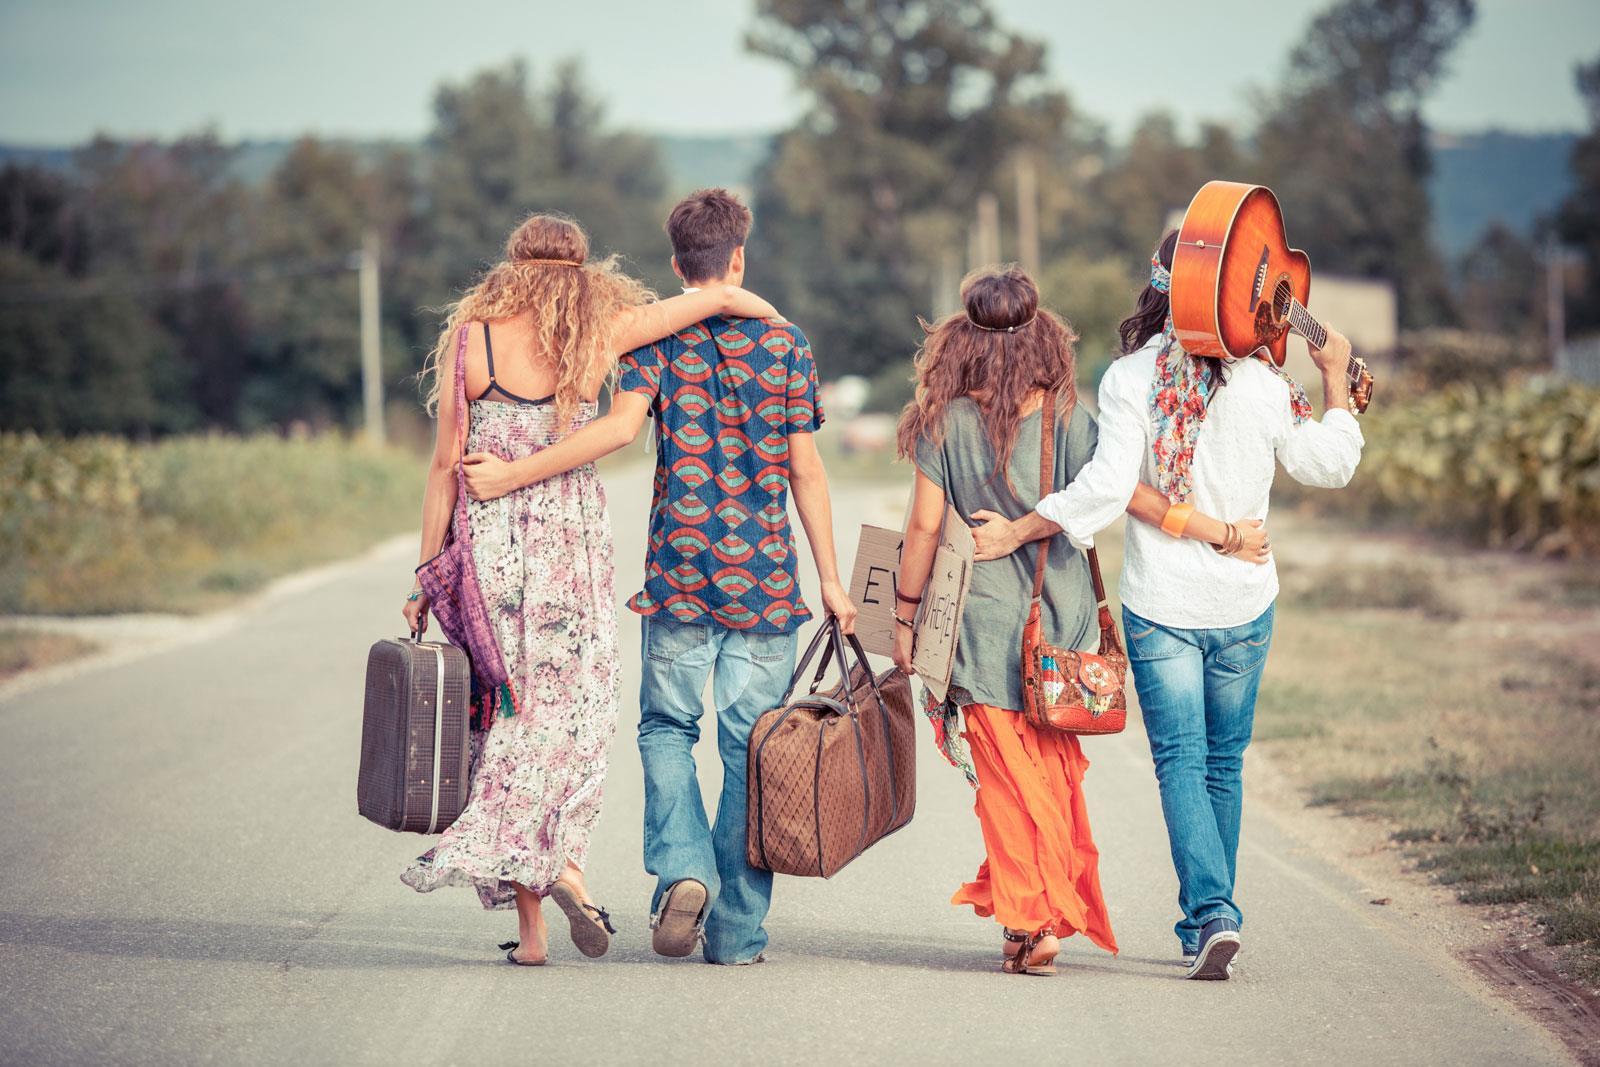 Tìm hiểu về phong cách sống Hippie